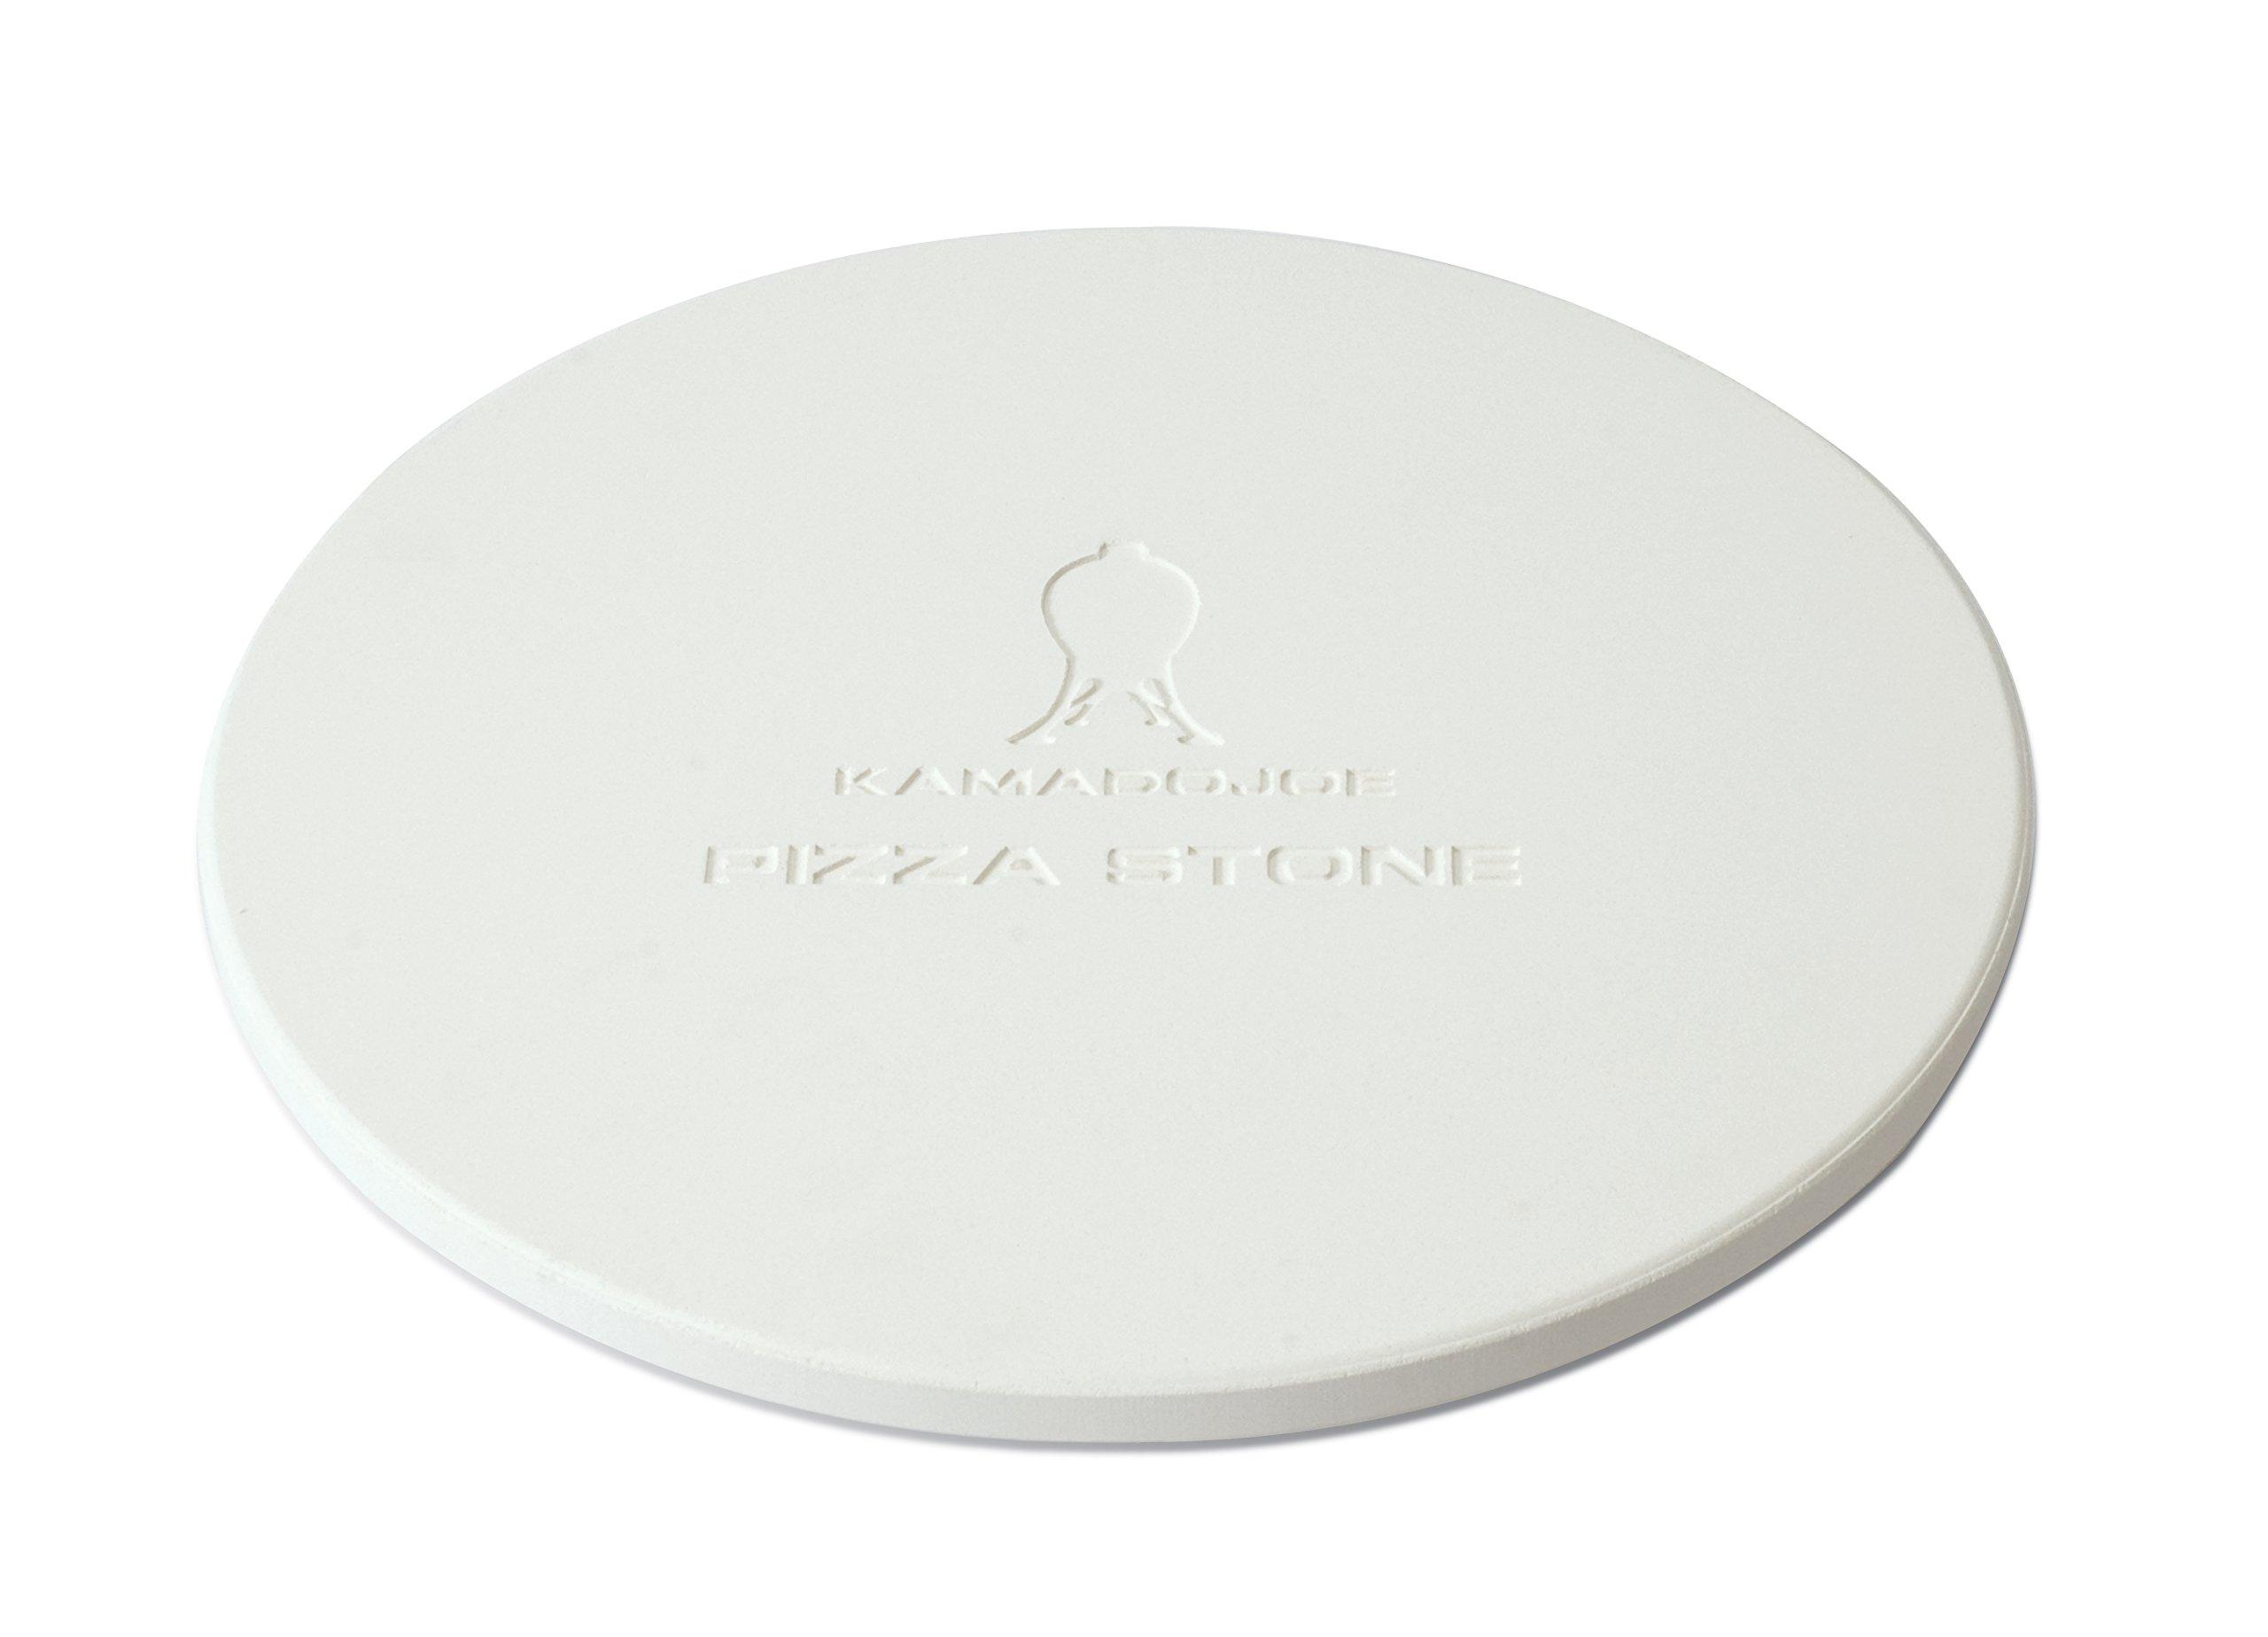 Kamado Joe BJ-PS24 Pizza Stone, 20'' Diameter by Kamado Joe